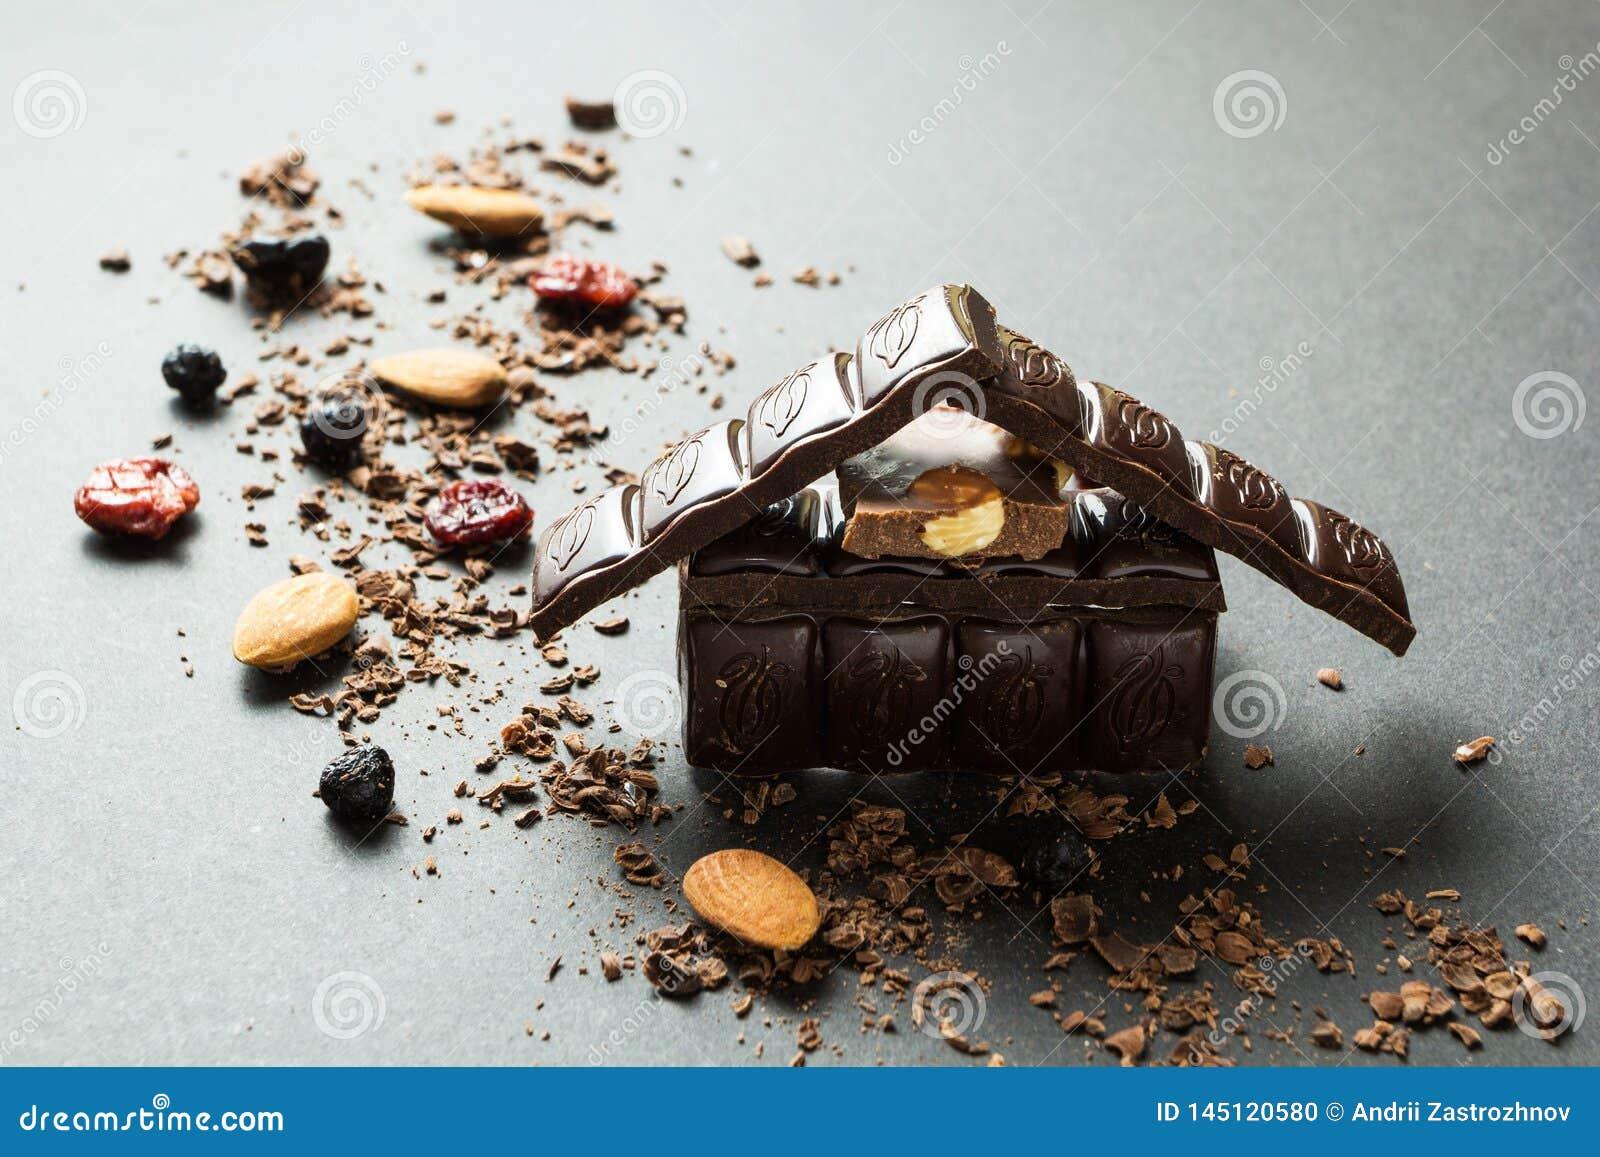 Feiertagsschokoladenhaus und -Trockenfrüchte mit Nüssen auf einem schwarzen Hintergrund